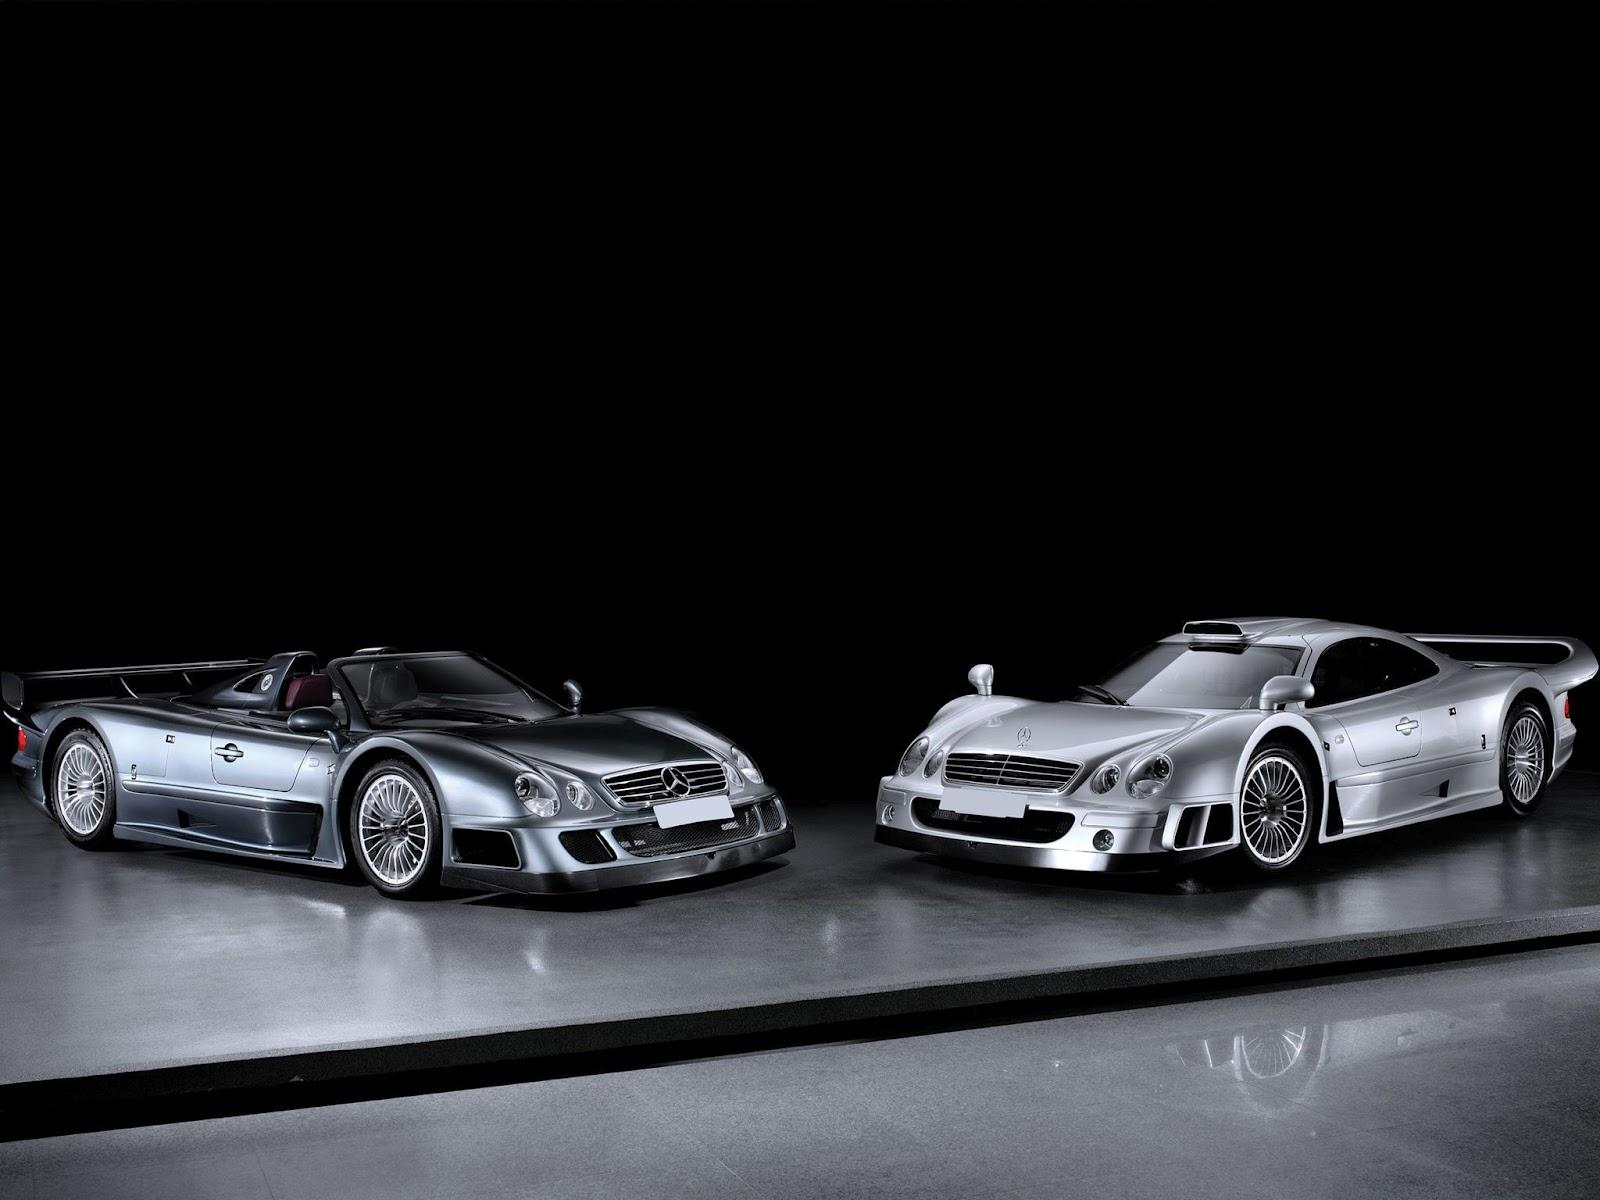 Super+Cars+%2820%29 41 Gerçek HD Masaüstü Süper Araba Resimleri